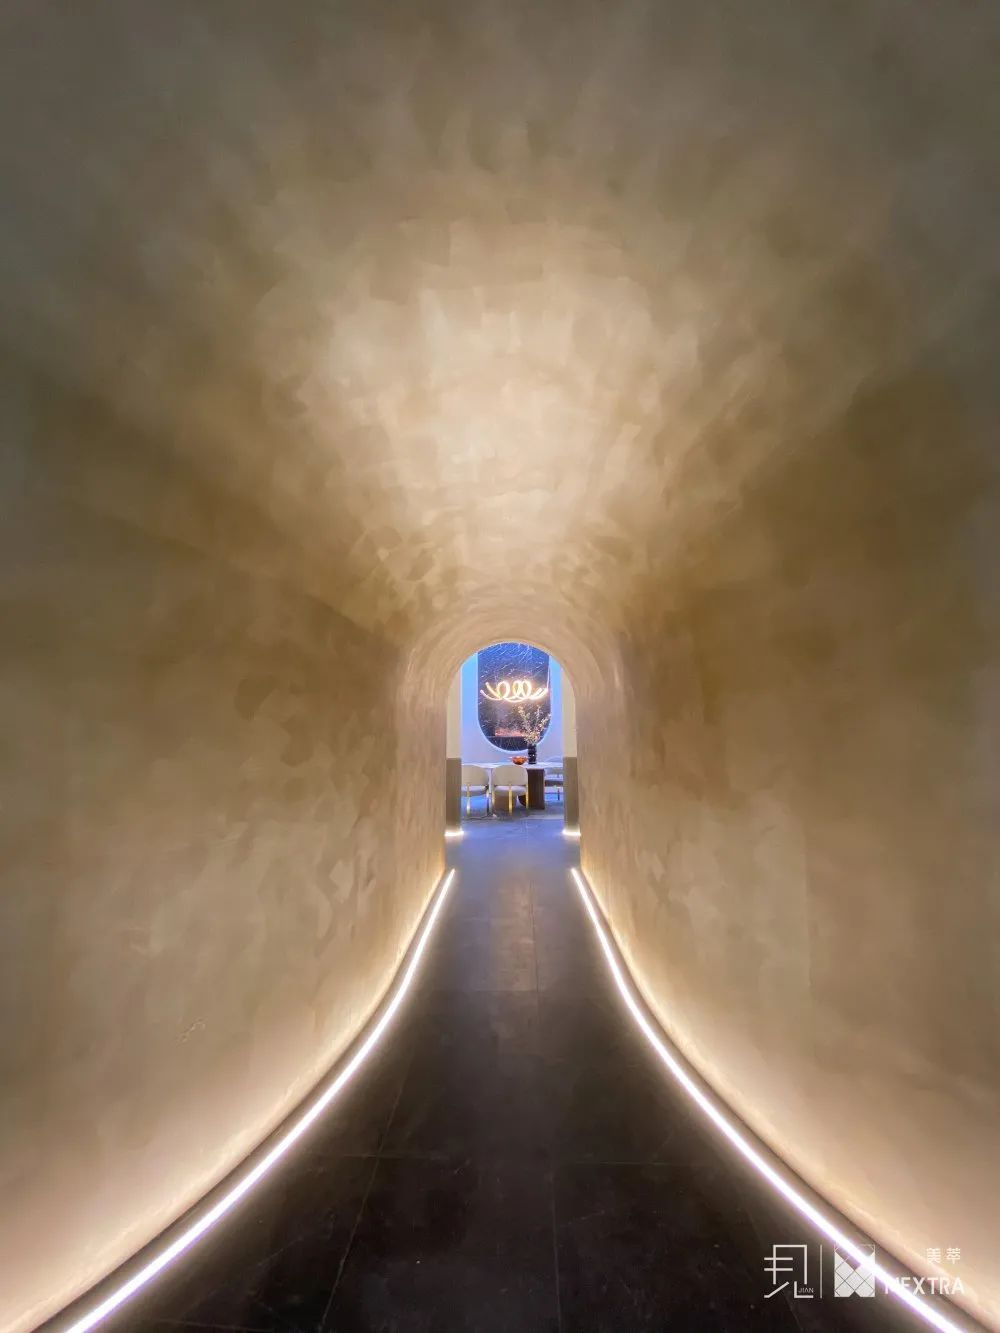 MEXTRA虹桥展丨共盈希翼,悦見未来